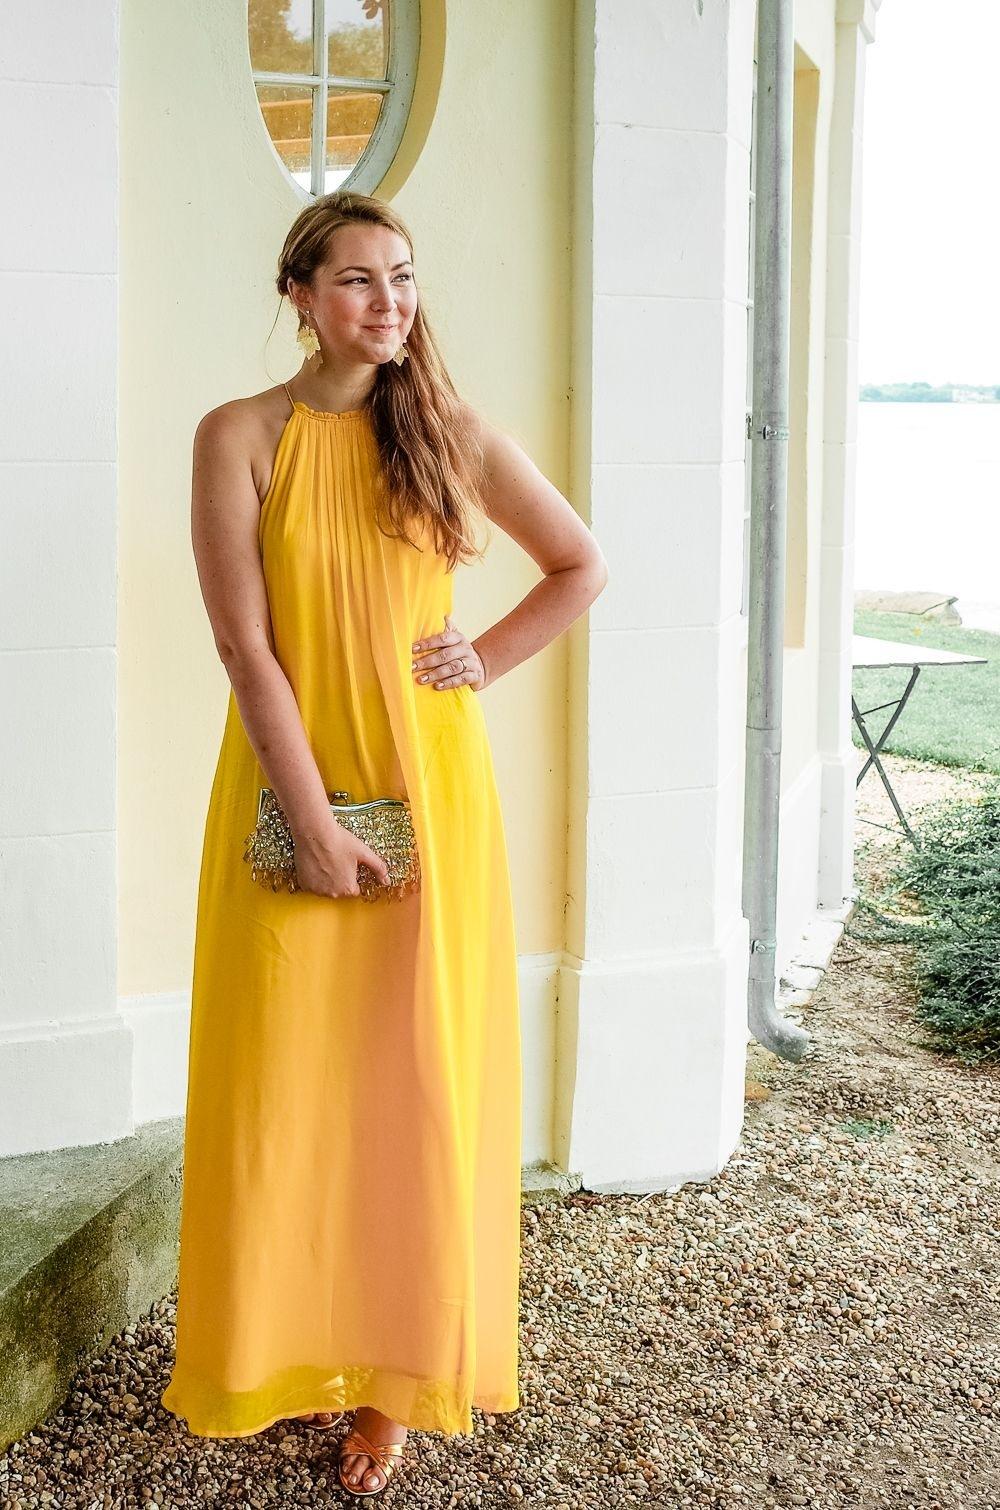 15 Schön Kleid Gelb Hochzeit Stylish13 Elegant Kleid Gelb Hochzeit Design